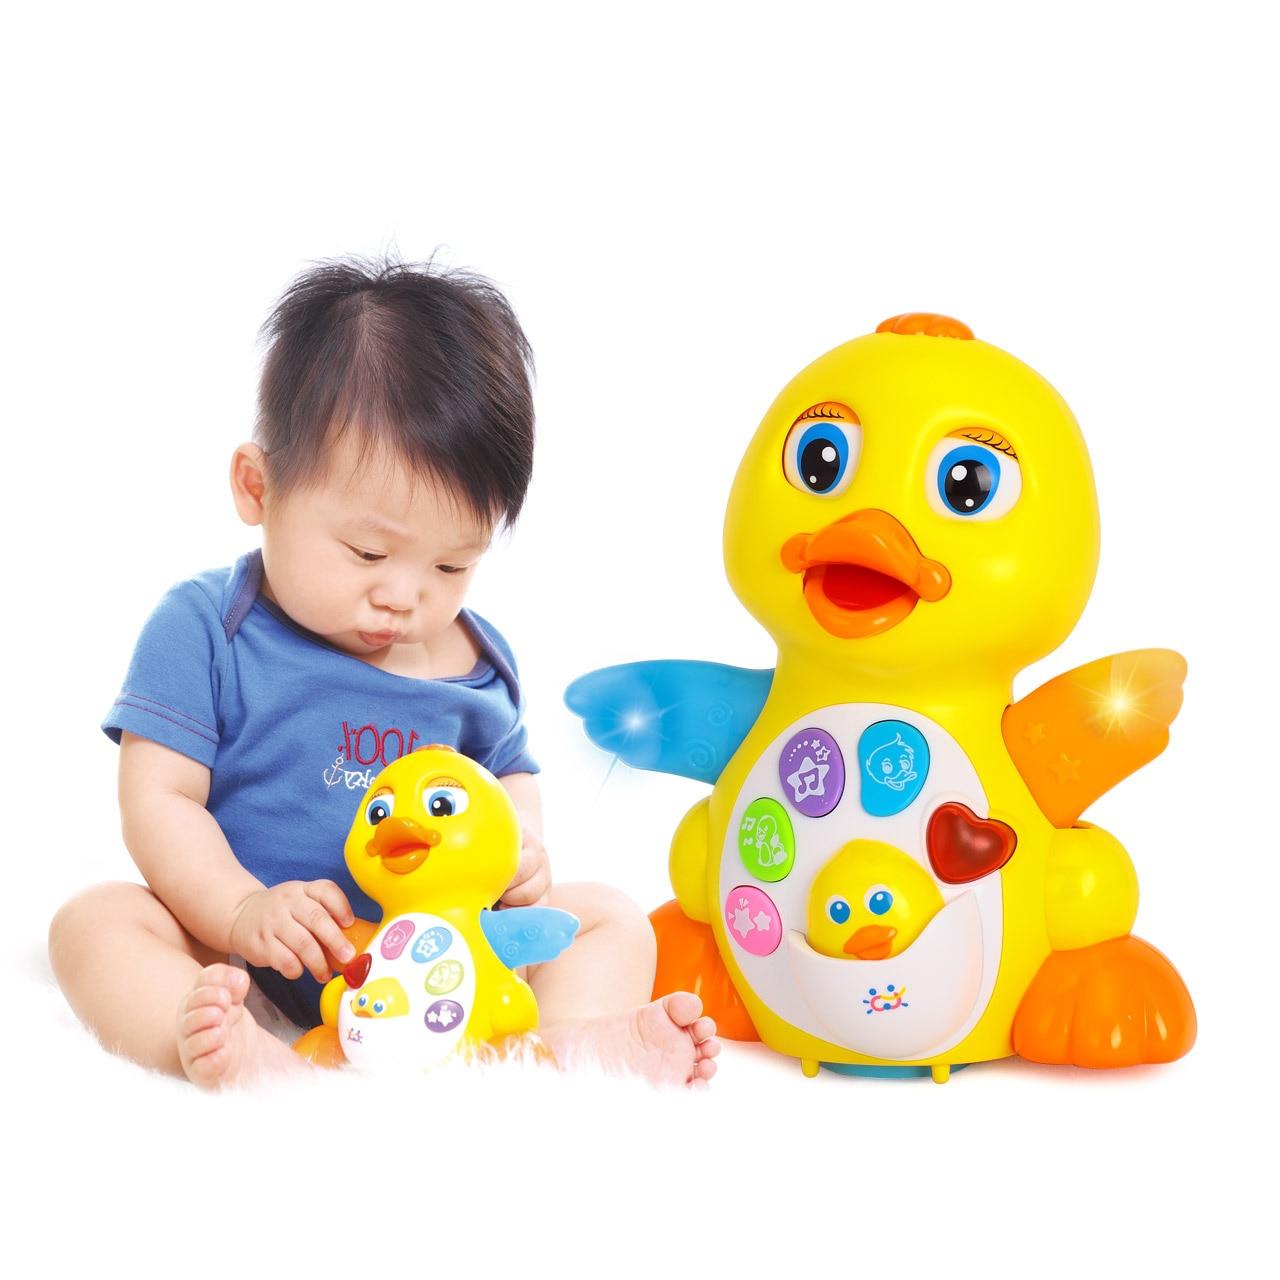 Pato Ruibarbo Oscilante Para Bebé Juguete Musical Eléctrico Universal Para Bebé De 1-3 Años Juguete De Animal Intelectual Joven